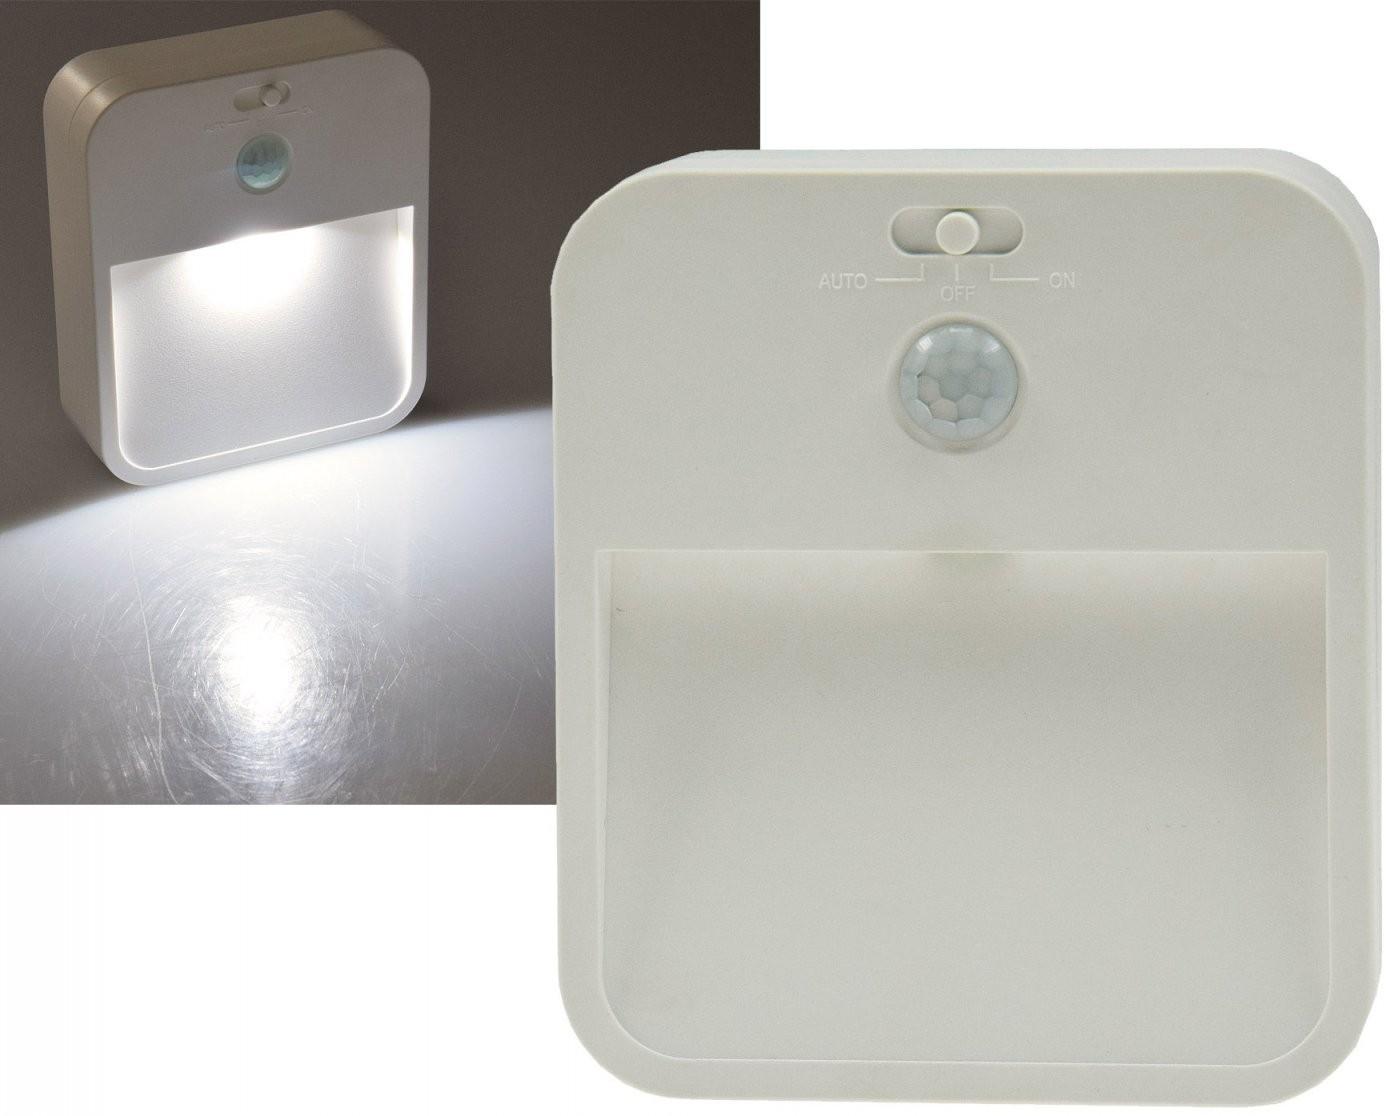 Led Treppenlicht Mit Bewegungsmelder Batteriebetrieb 3  Chilitec von Led Treppenlicht Mit Bewegungsmelder Bild